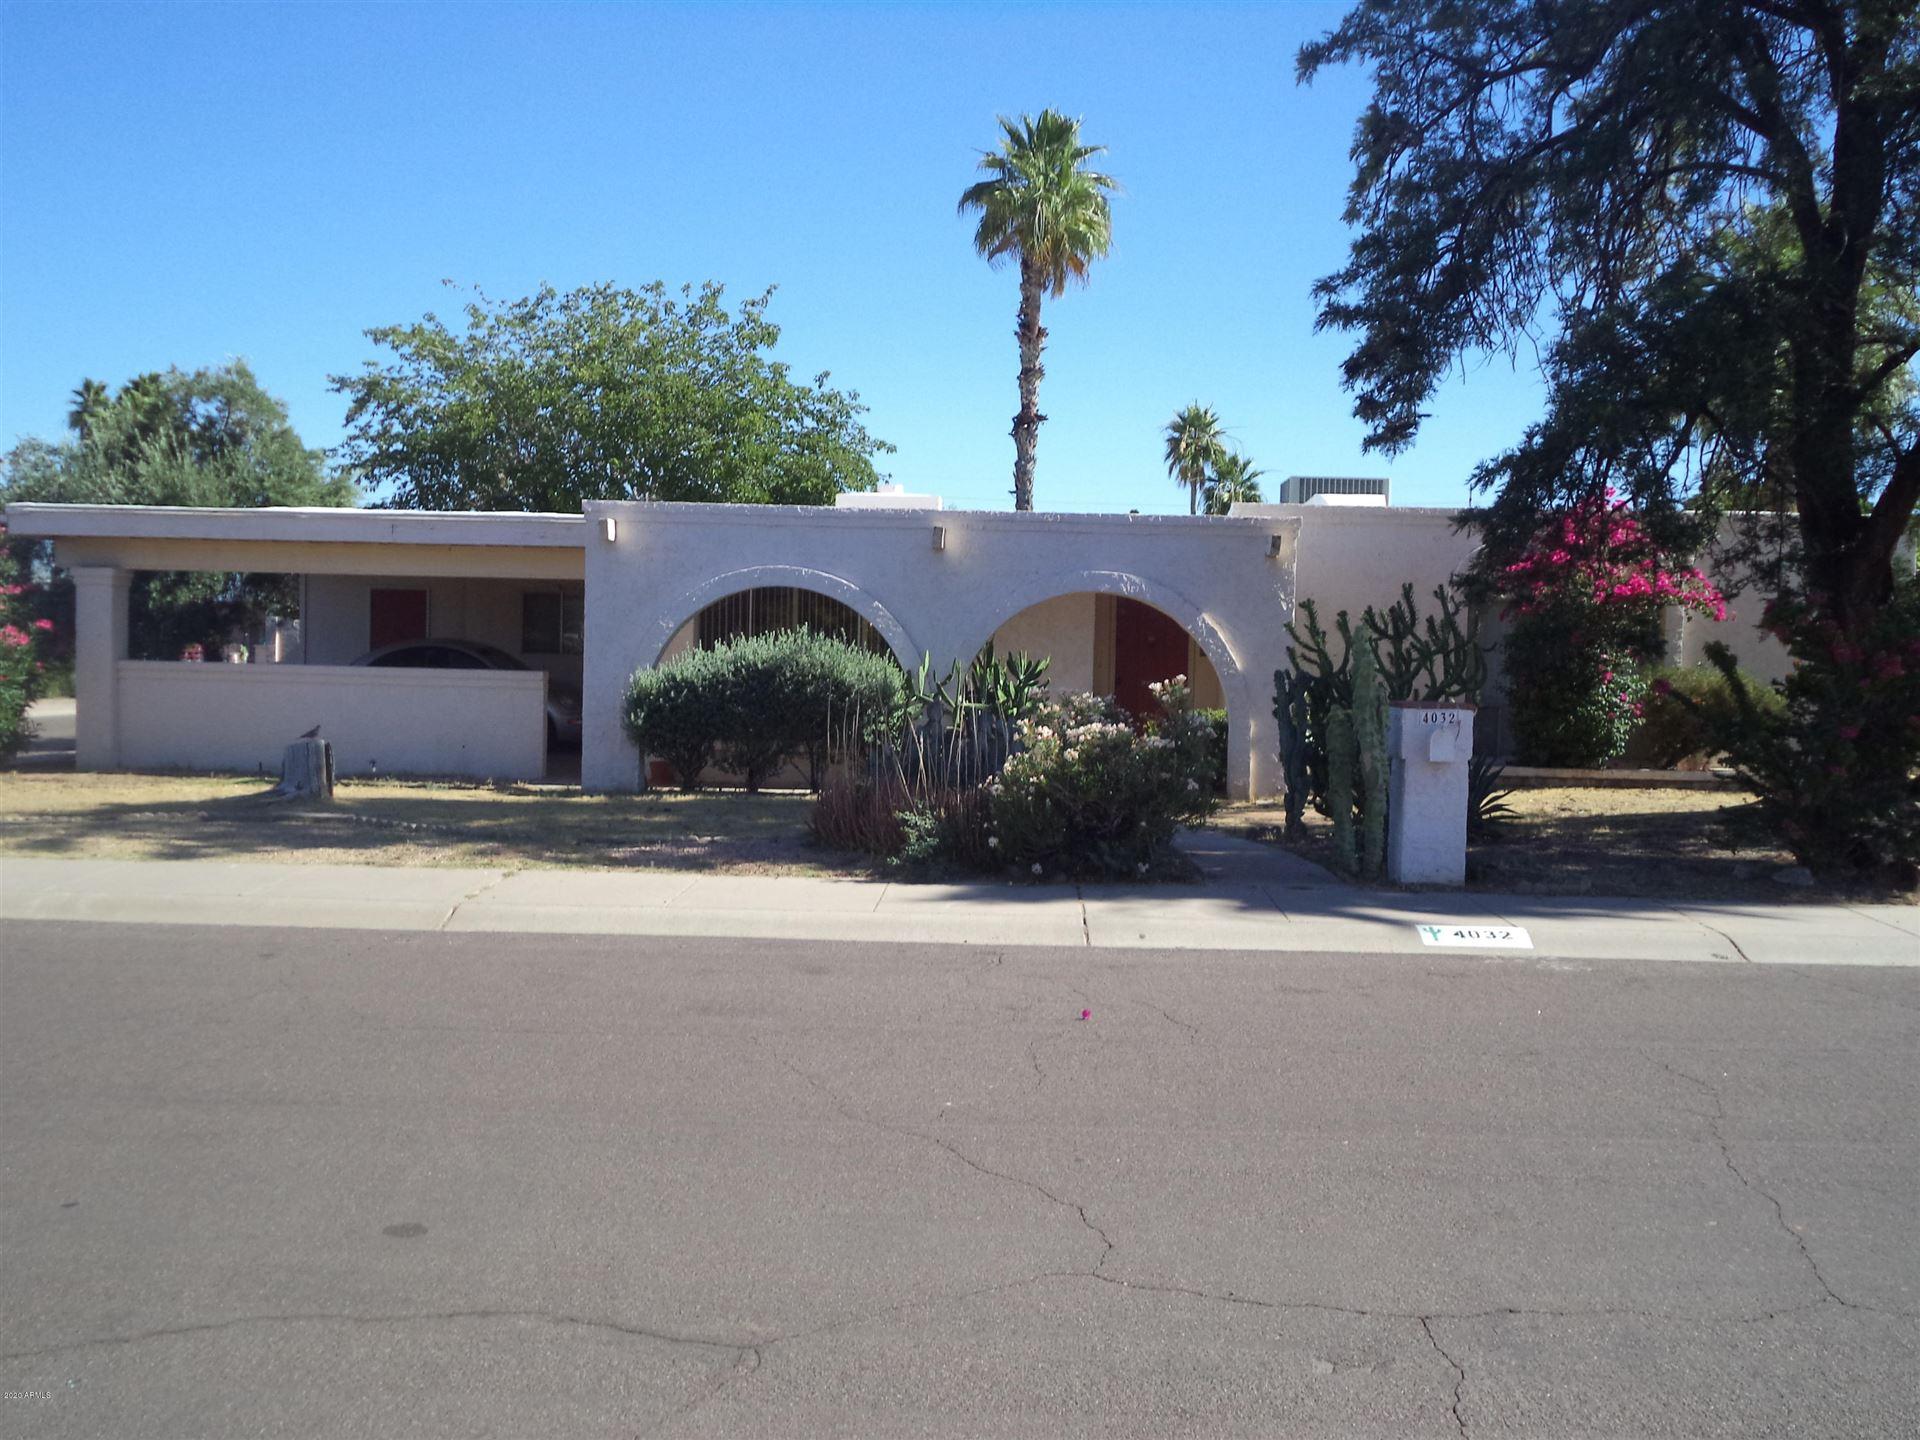 4032 E ALAN Lane, Phoenix, AZ 85028 - MLS#: 6087174